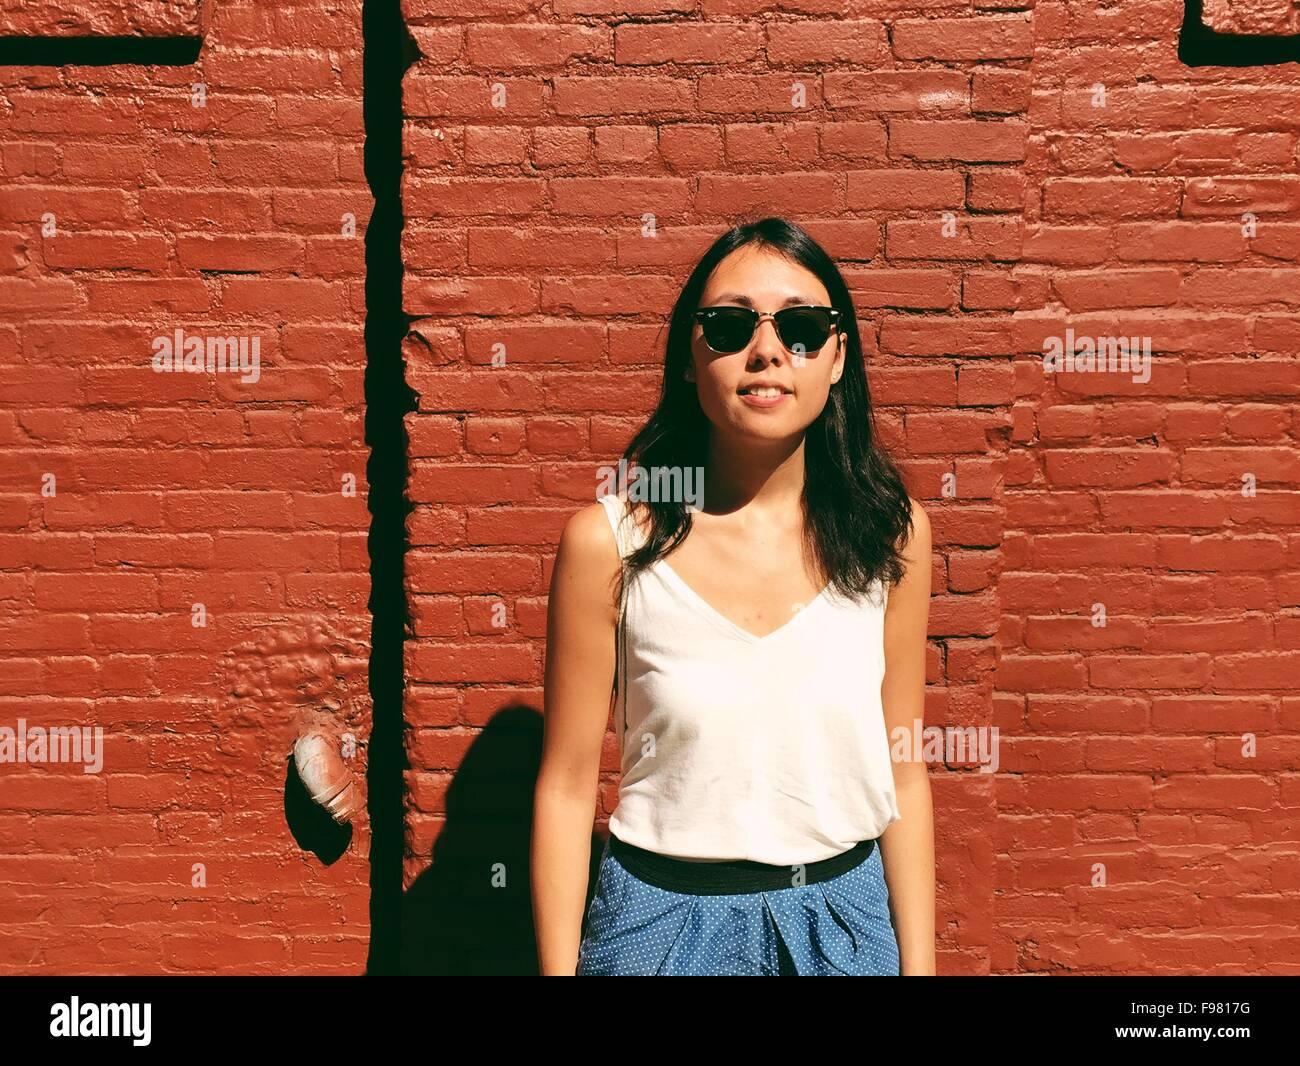 Porträt der schönen jungen Frau stehend gegen die roten Backsteinmauer Stockbild